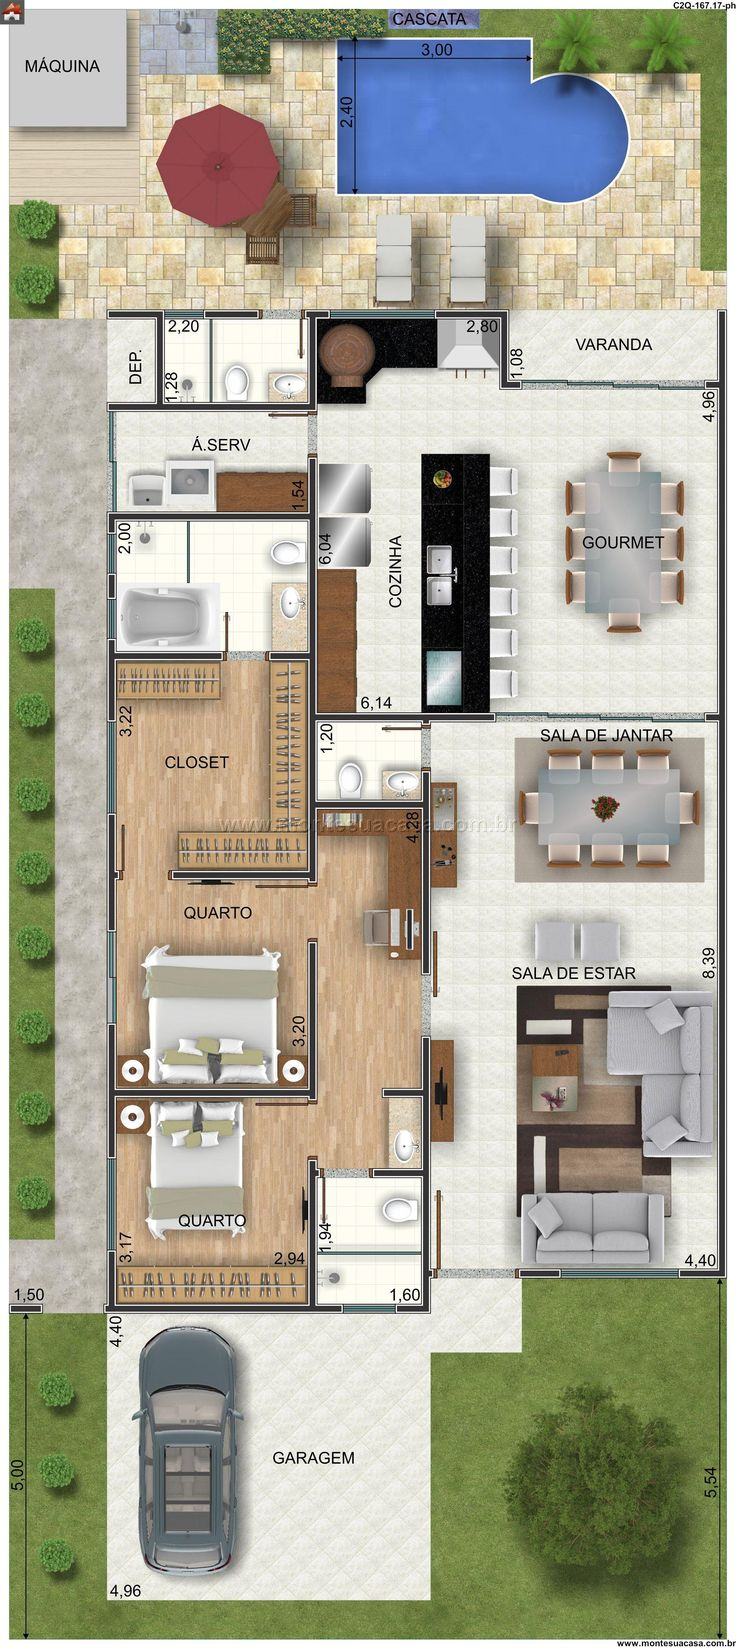 Casa 1 Quartos - 167.17m²